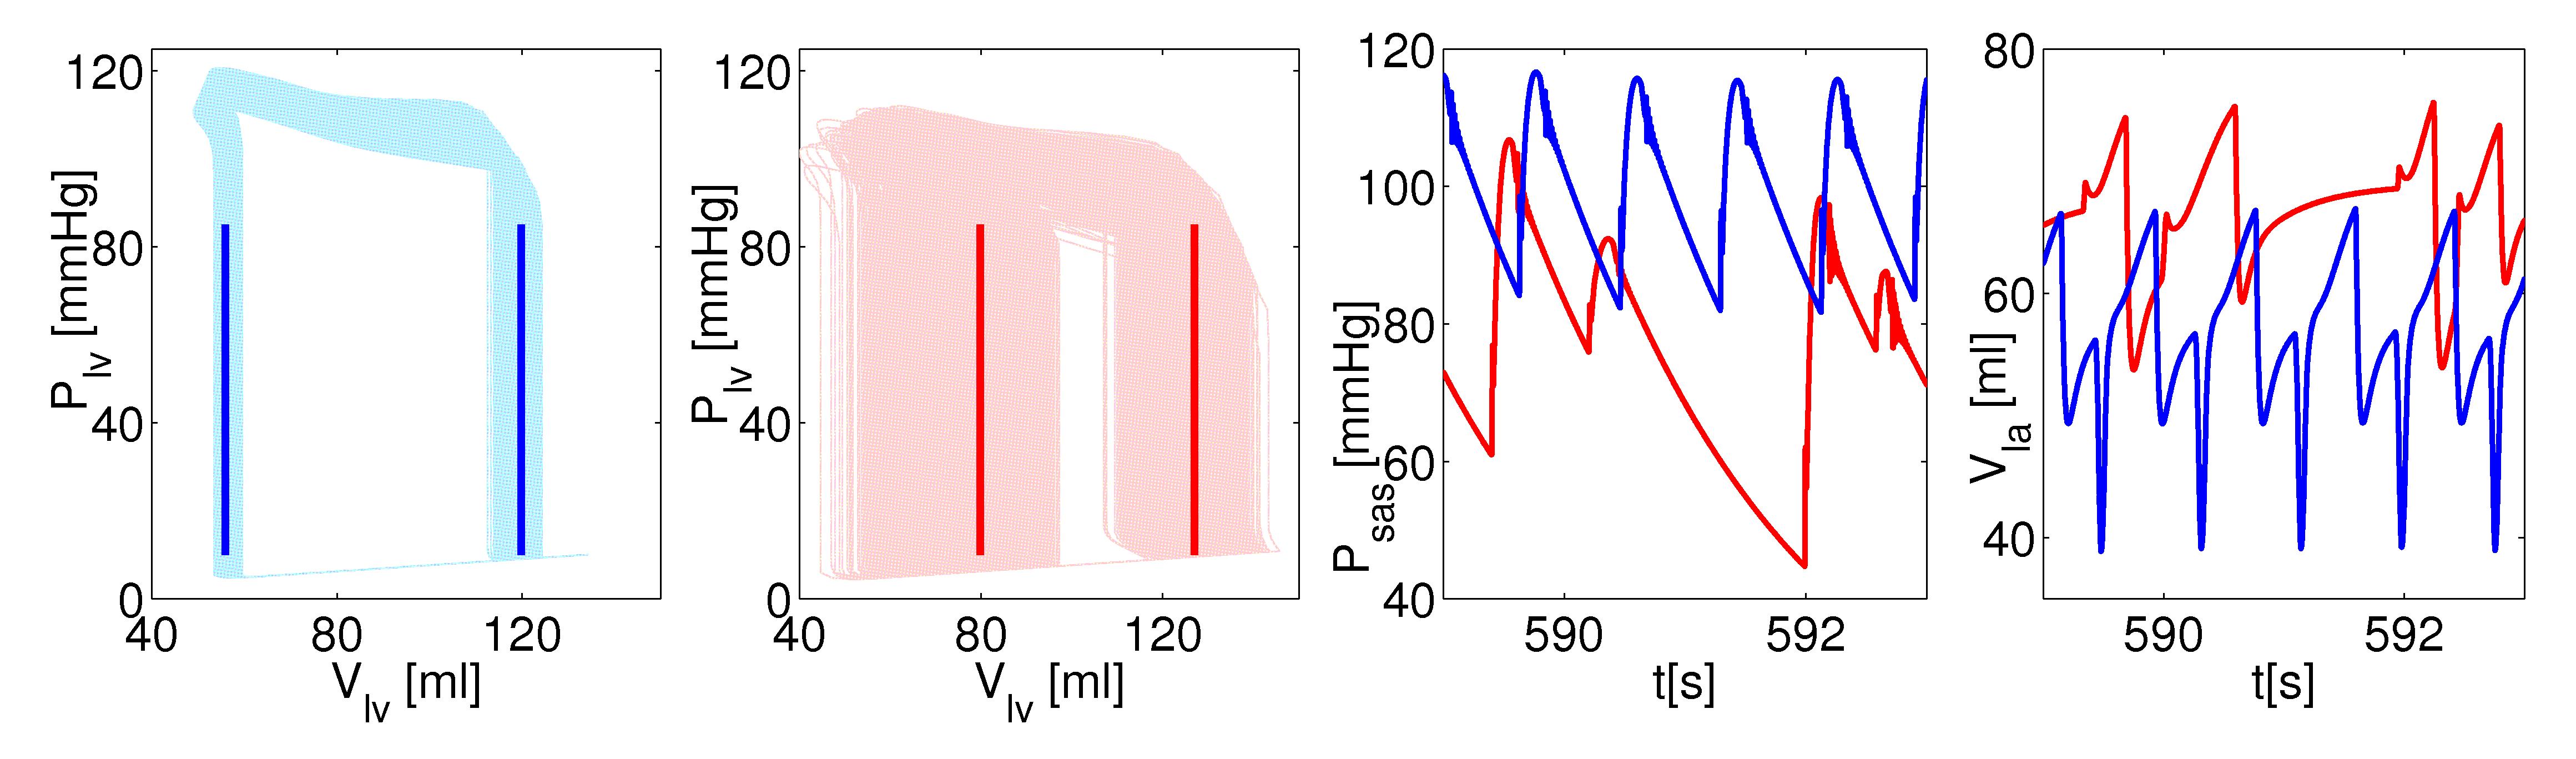 Fluidlab Cardiovascular Fluid Dynamics